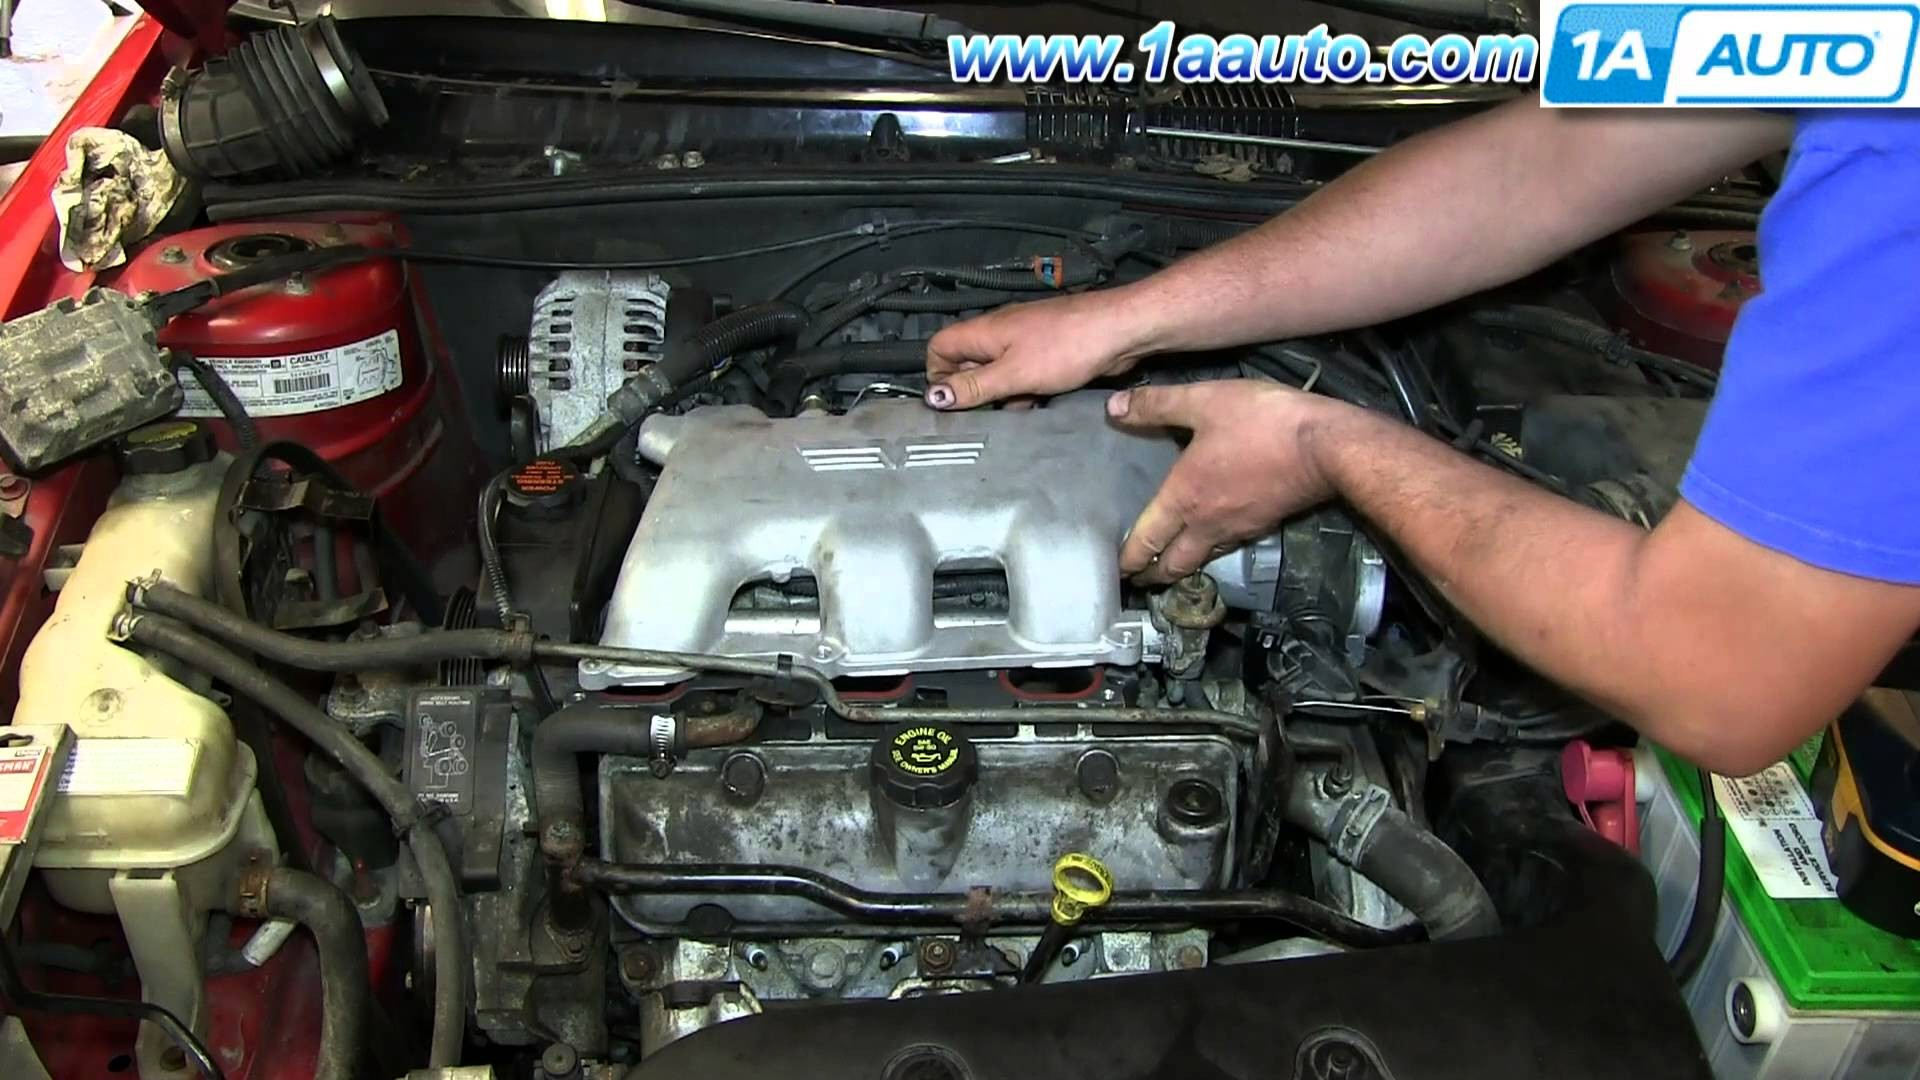 2006 Pontiac Grand Prix Engine Diagram How to Install Replace Fuel Injector Gm 3 4l V6 Pontiac Grand Am Of 2006 Pontiac Grand Prix Engine Diagram